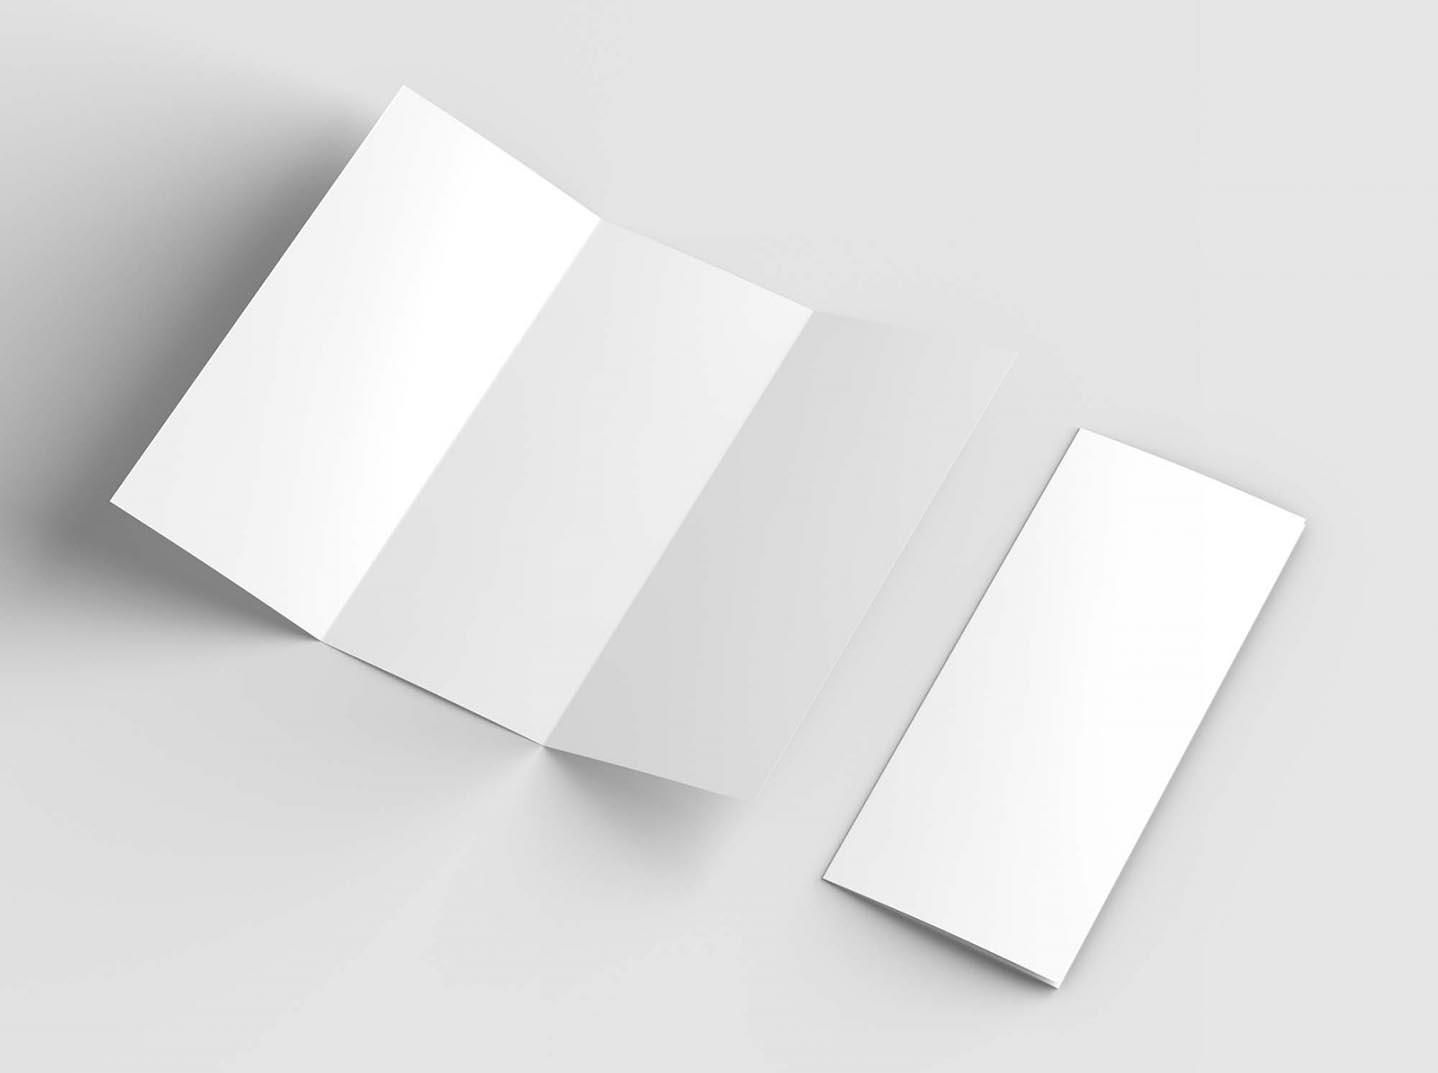 tri fold